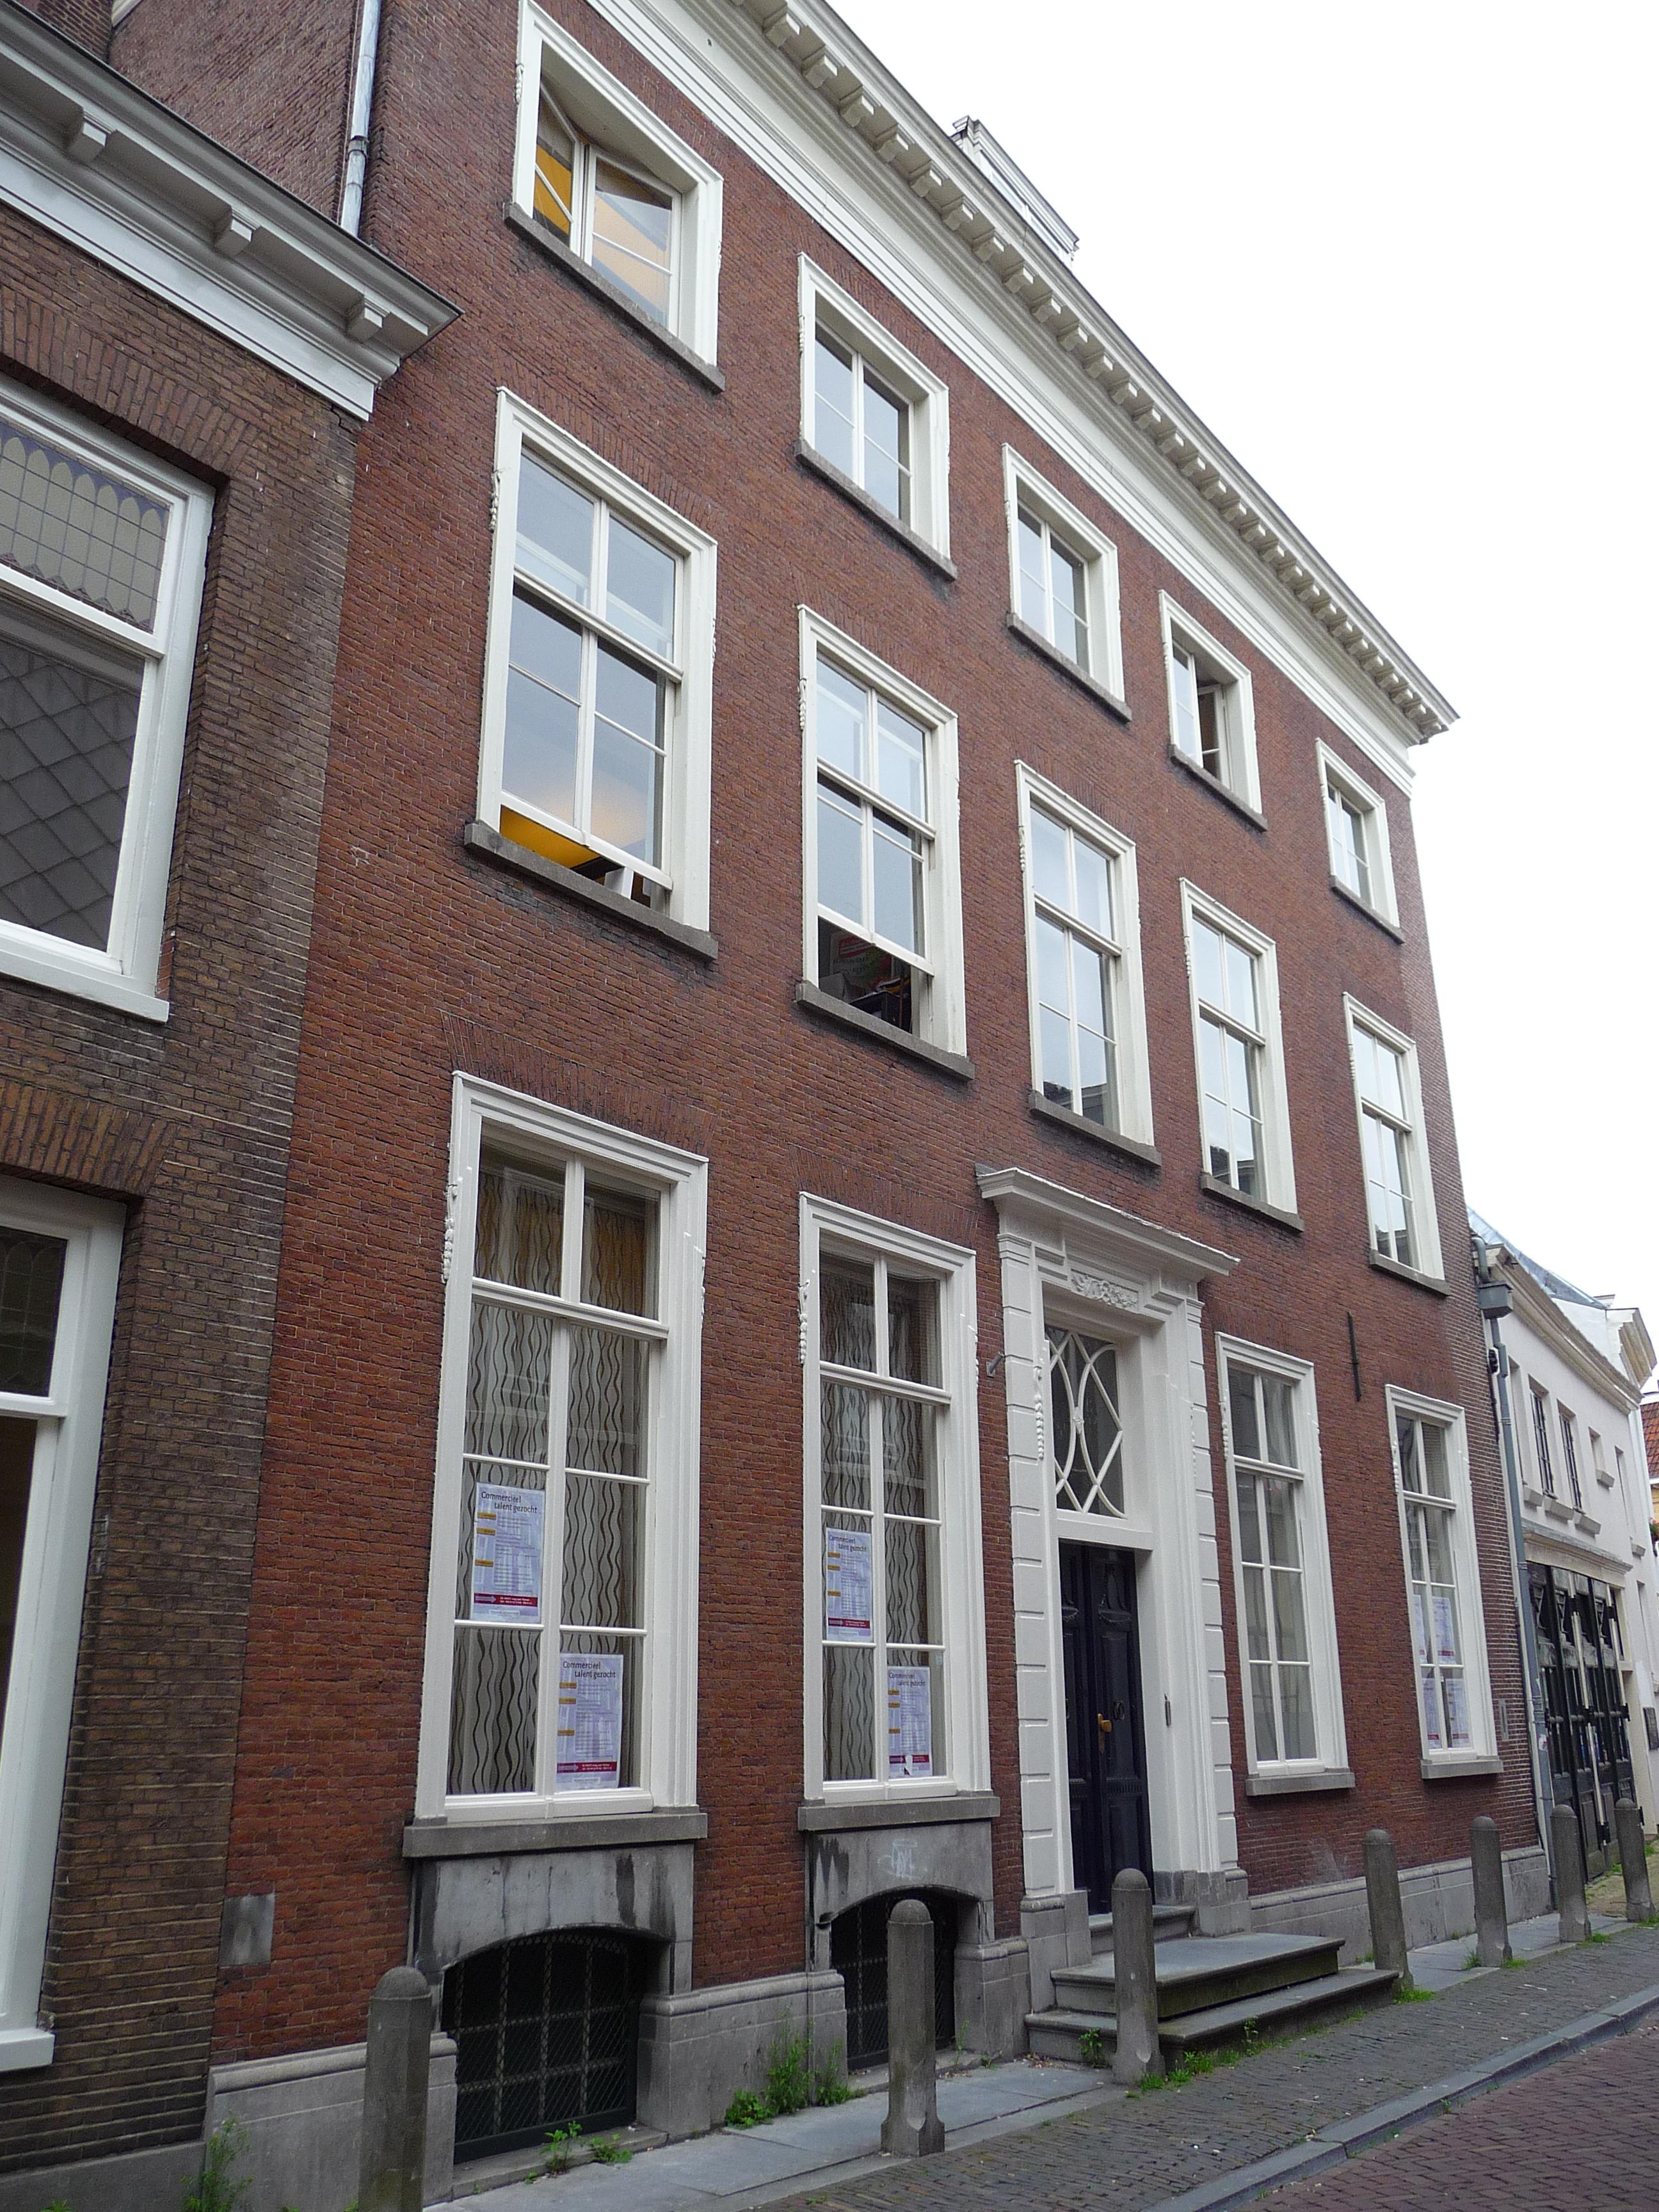 Hoog statig huis met rechte kroonlijst in utrecht for Huis utrecht